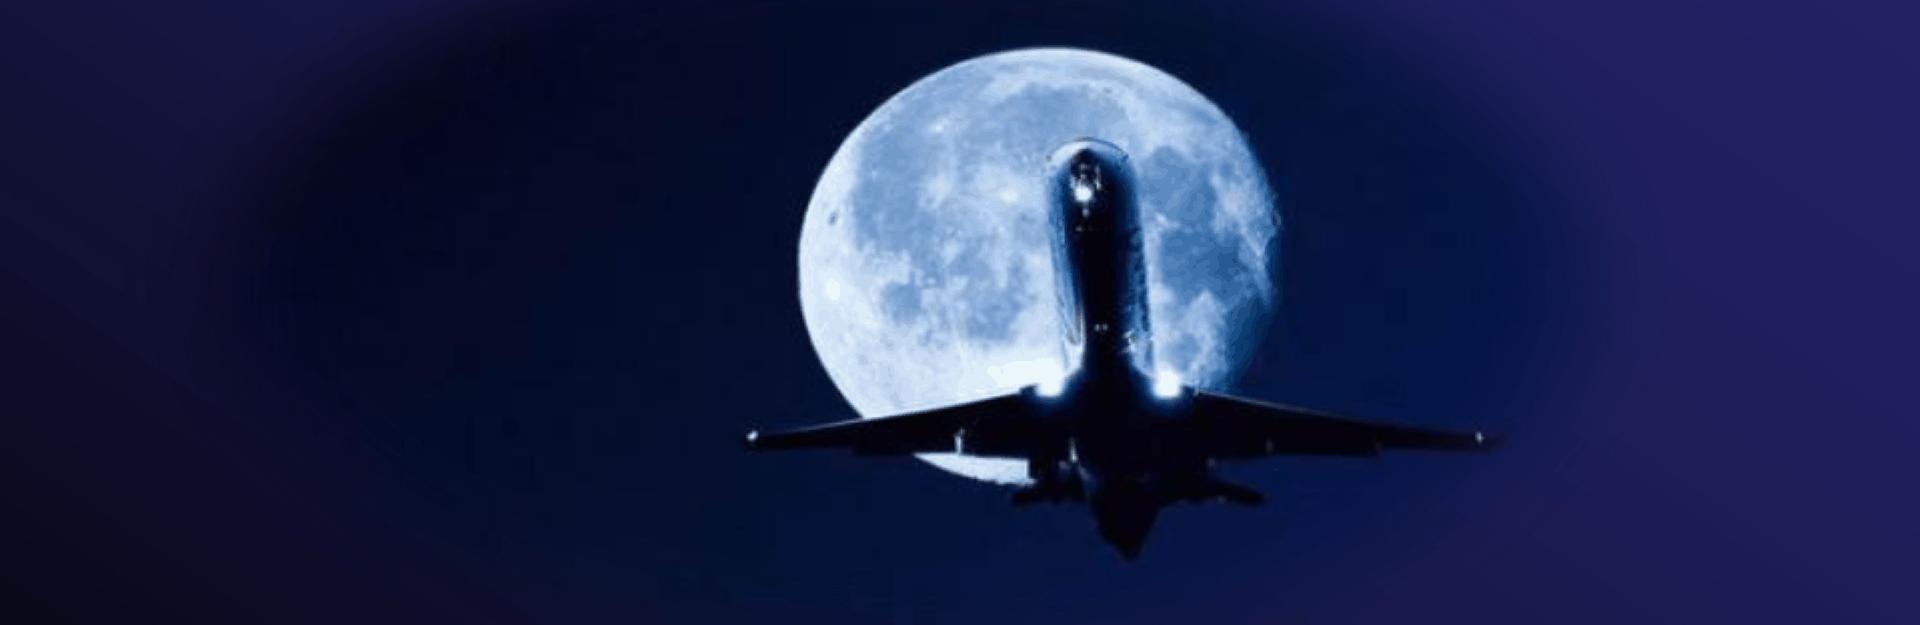 Read more about the article Cinco Tecnologias Criadas Pela NASA Para Chegar à Lua Que Mudaram a Vida na Terra